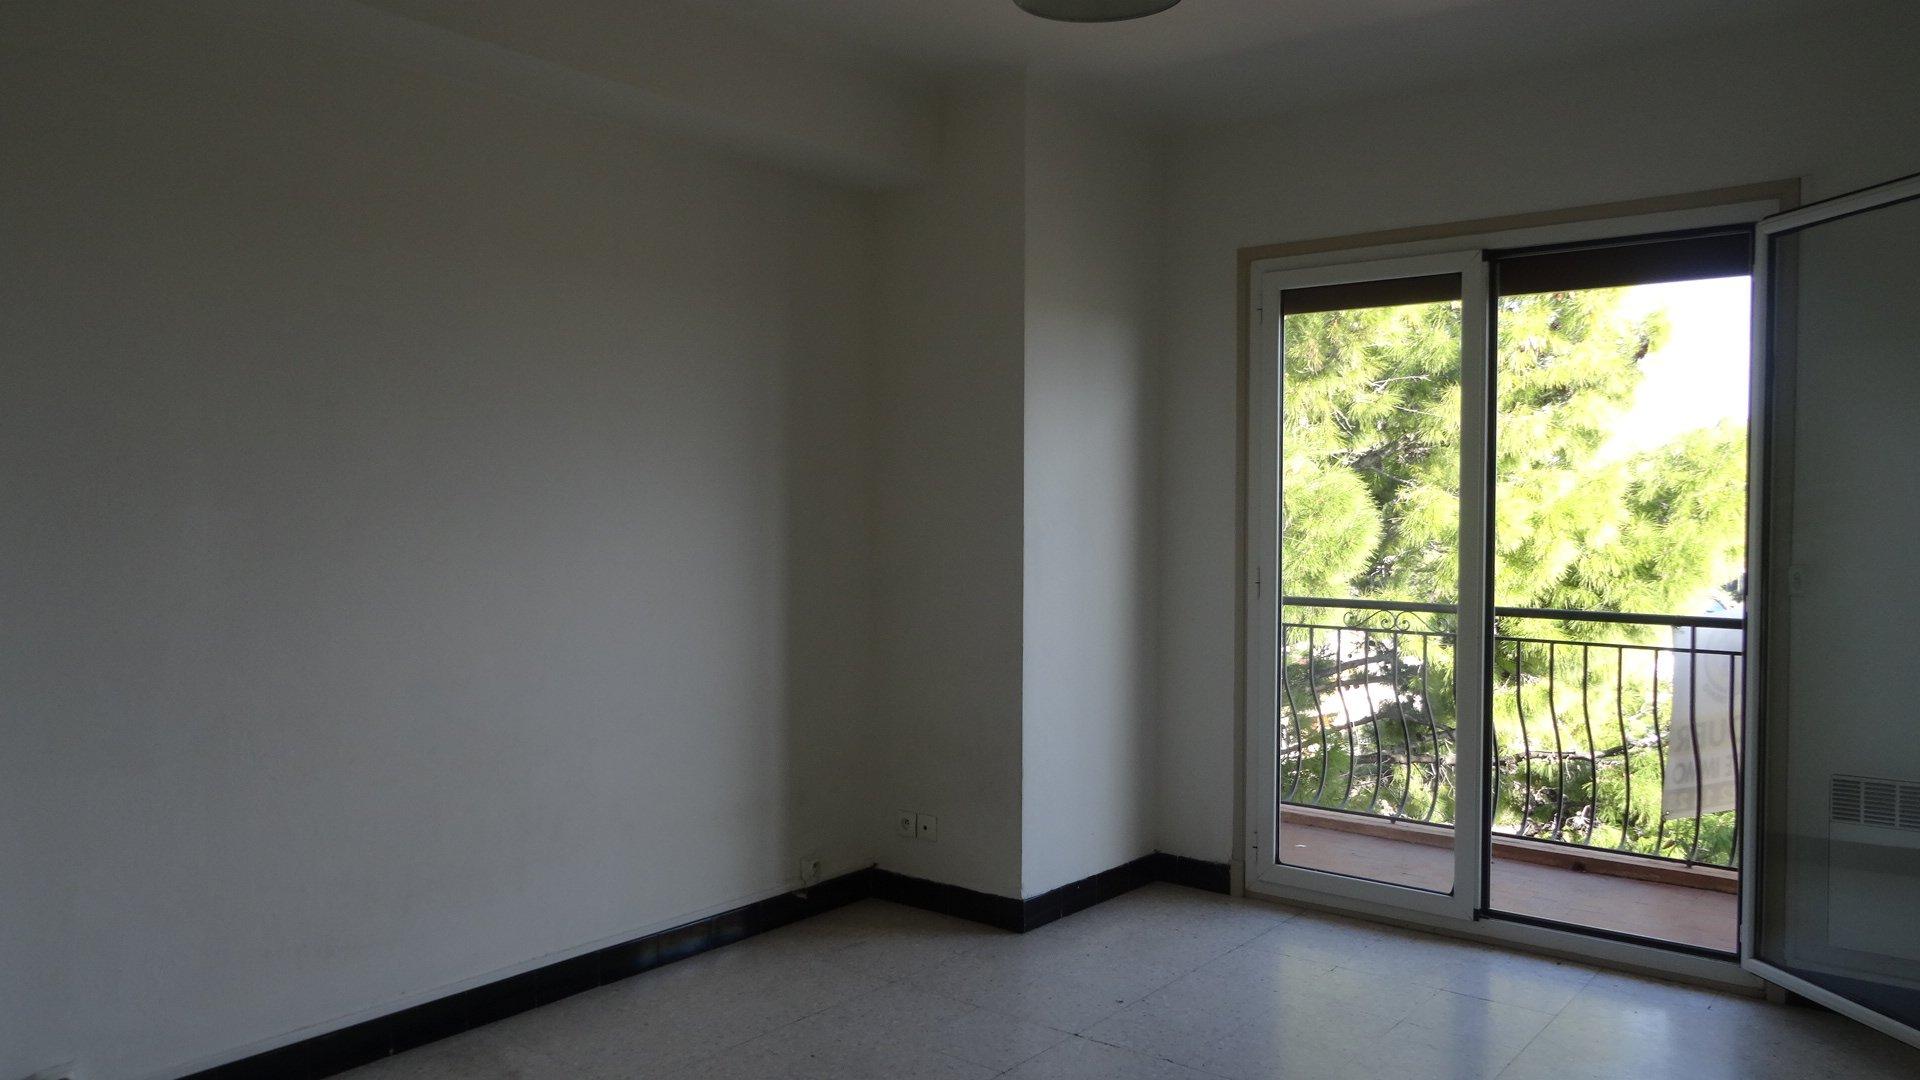 Affitto Appartamento - Saint-Laurent-du-Var Gare